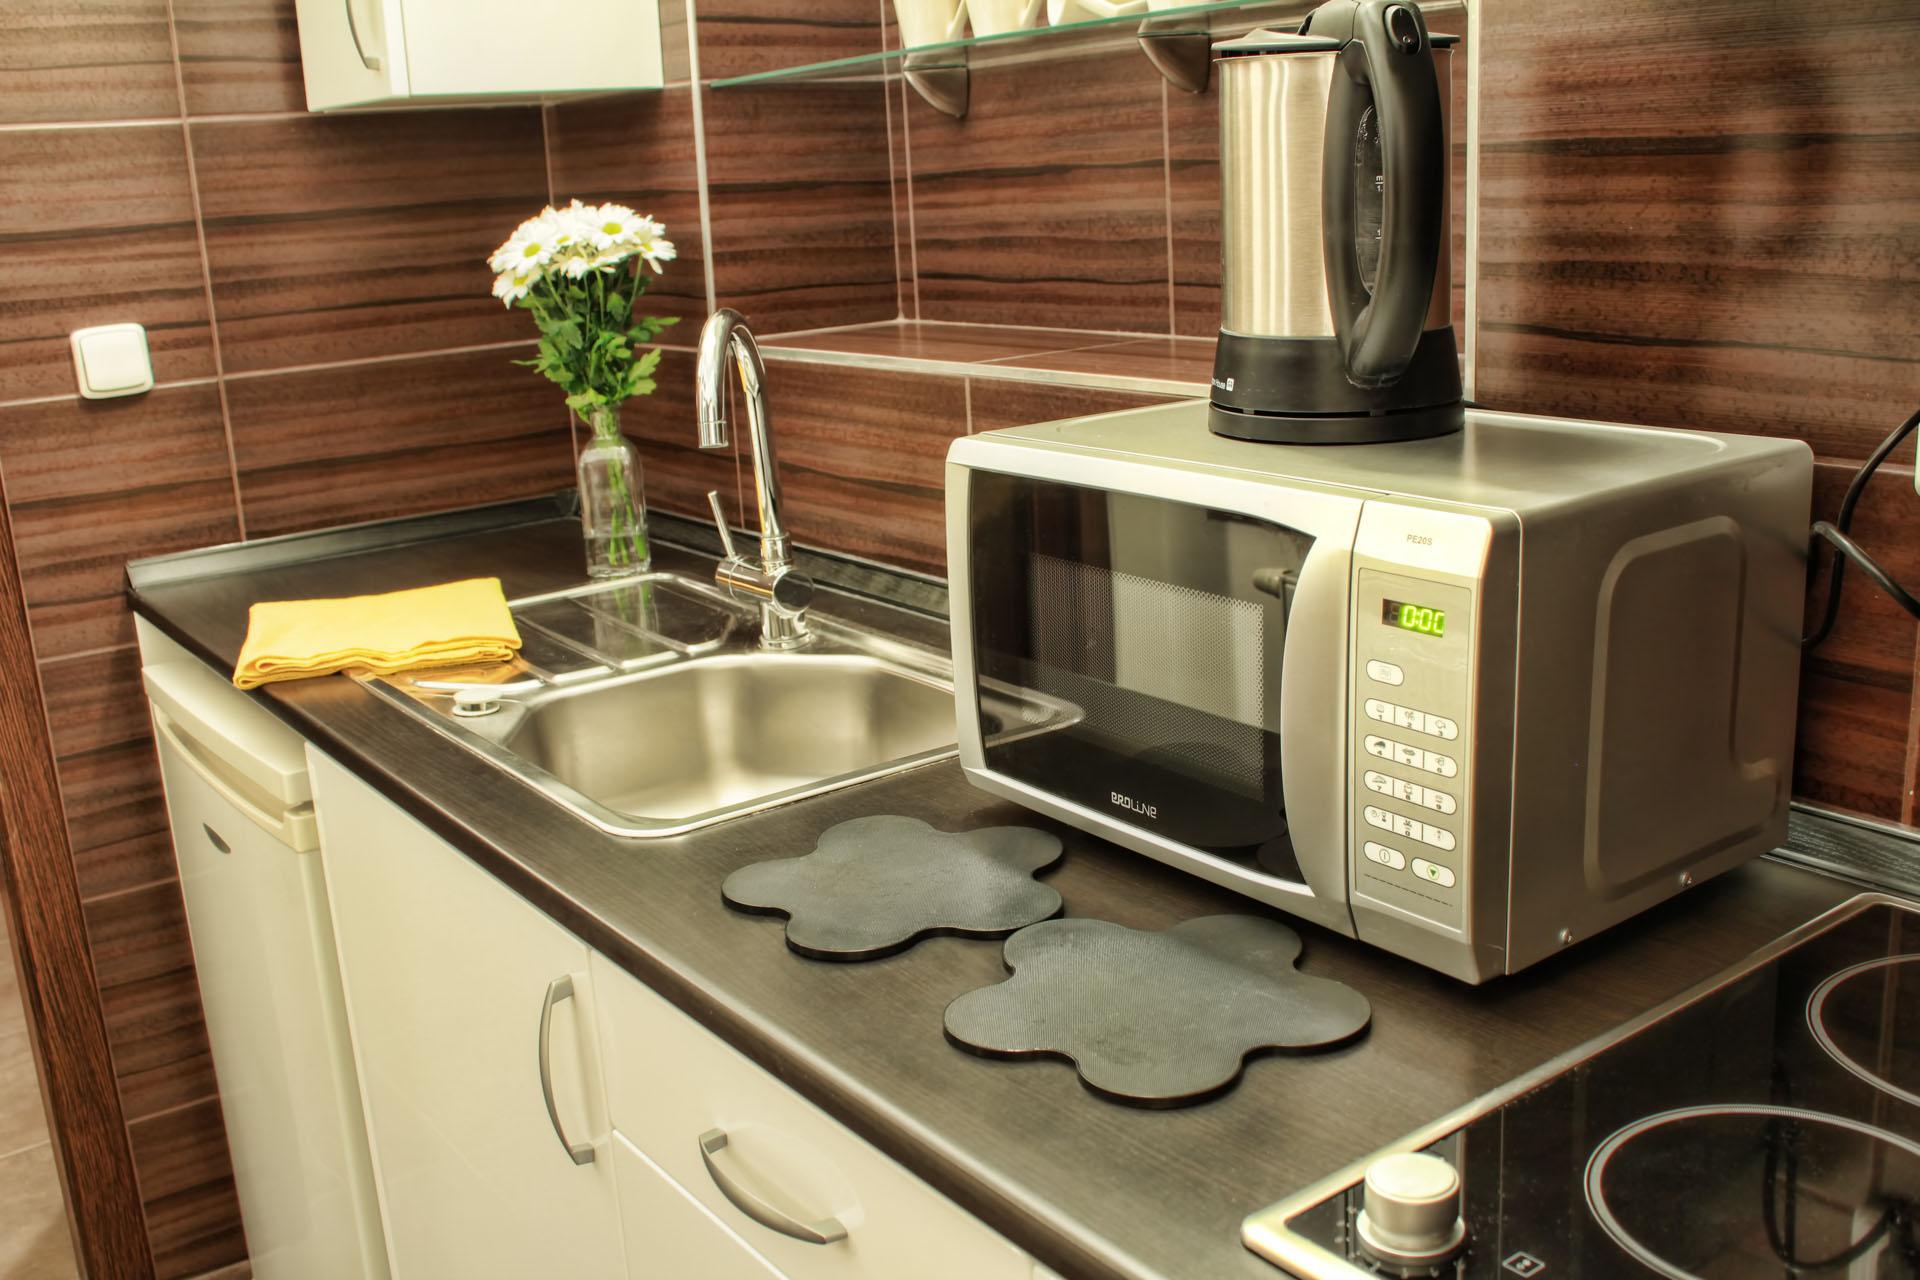 Kuchyňská linka s lednicí, mikrovlnnou troubou, varnou konvicí a vařičem v apartmánu Ornela a Lukrécie